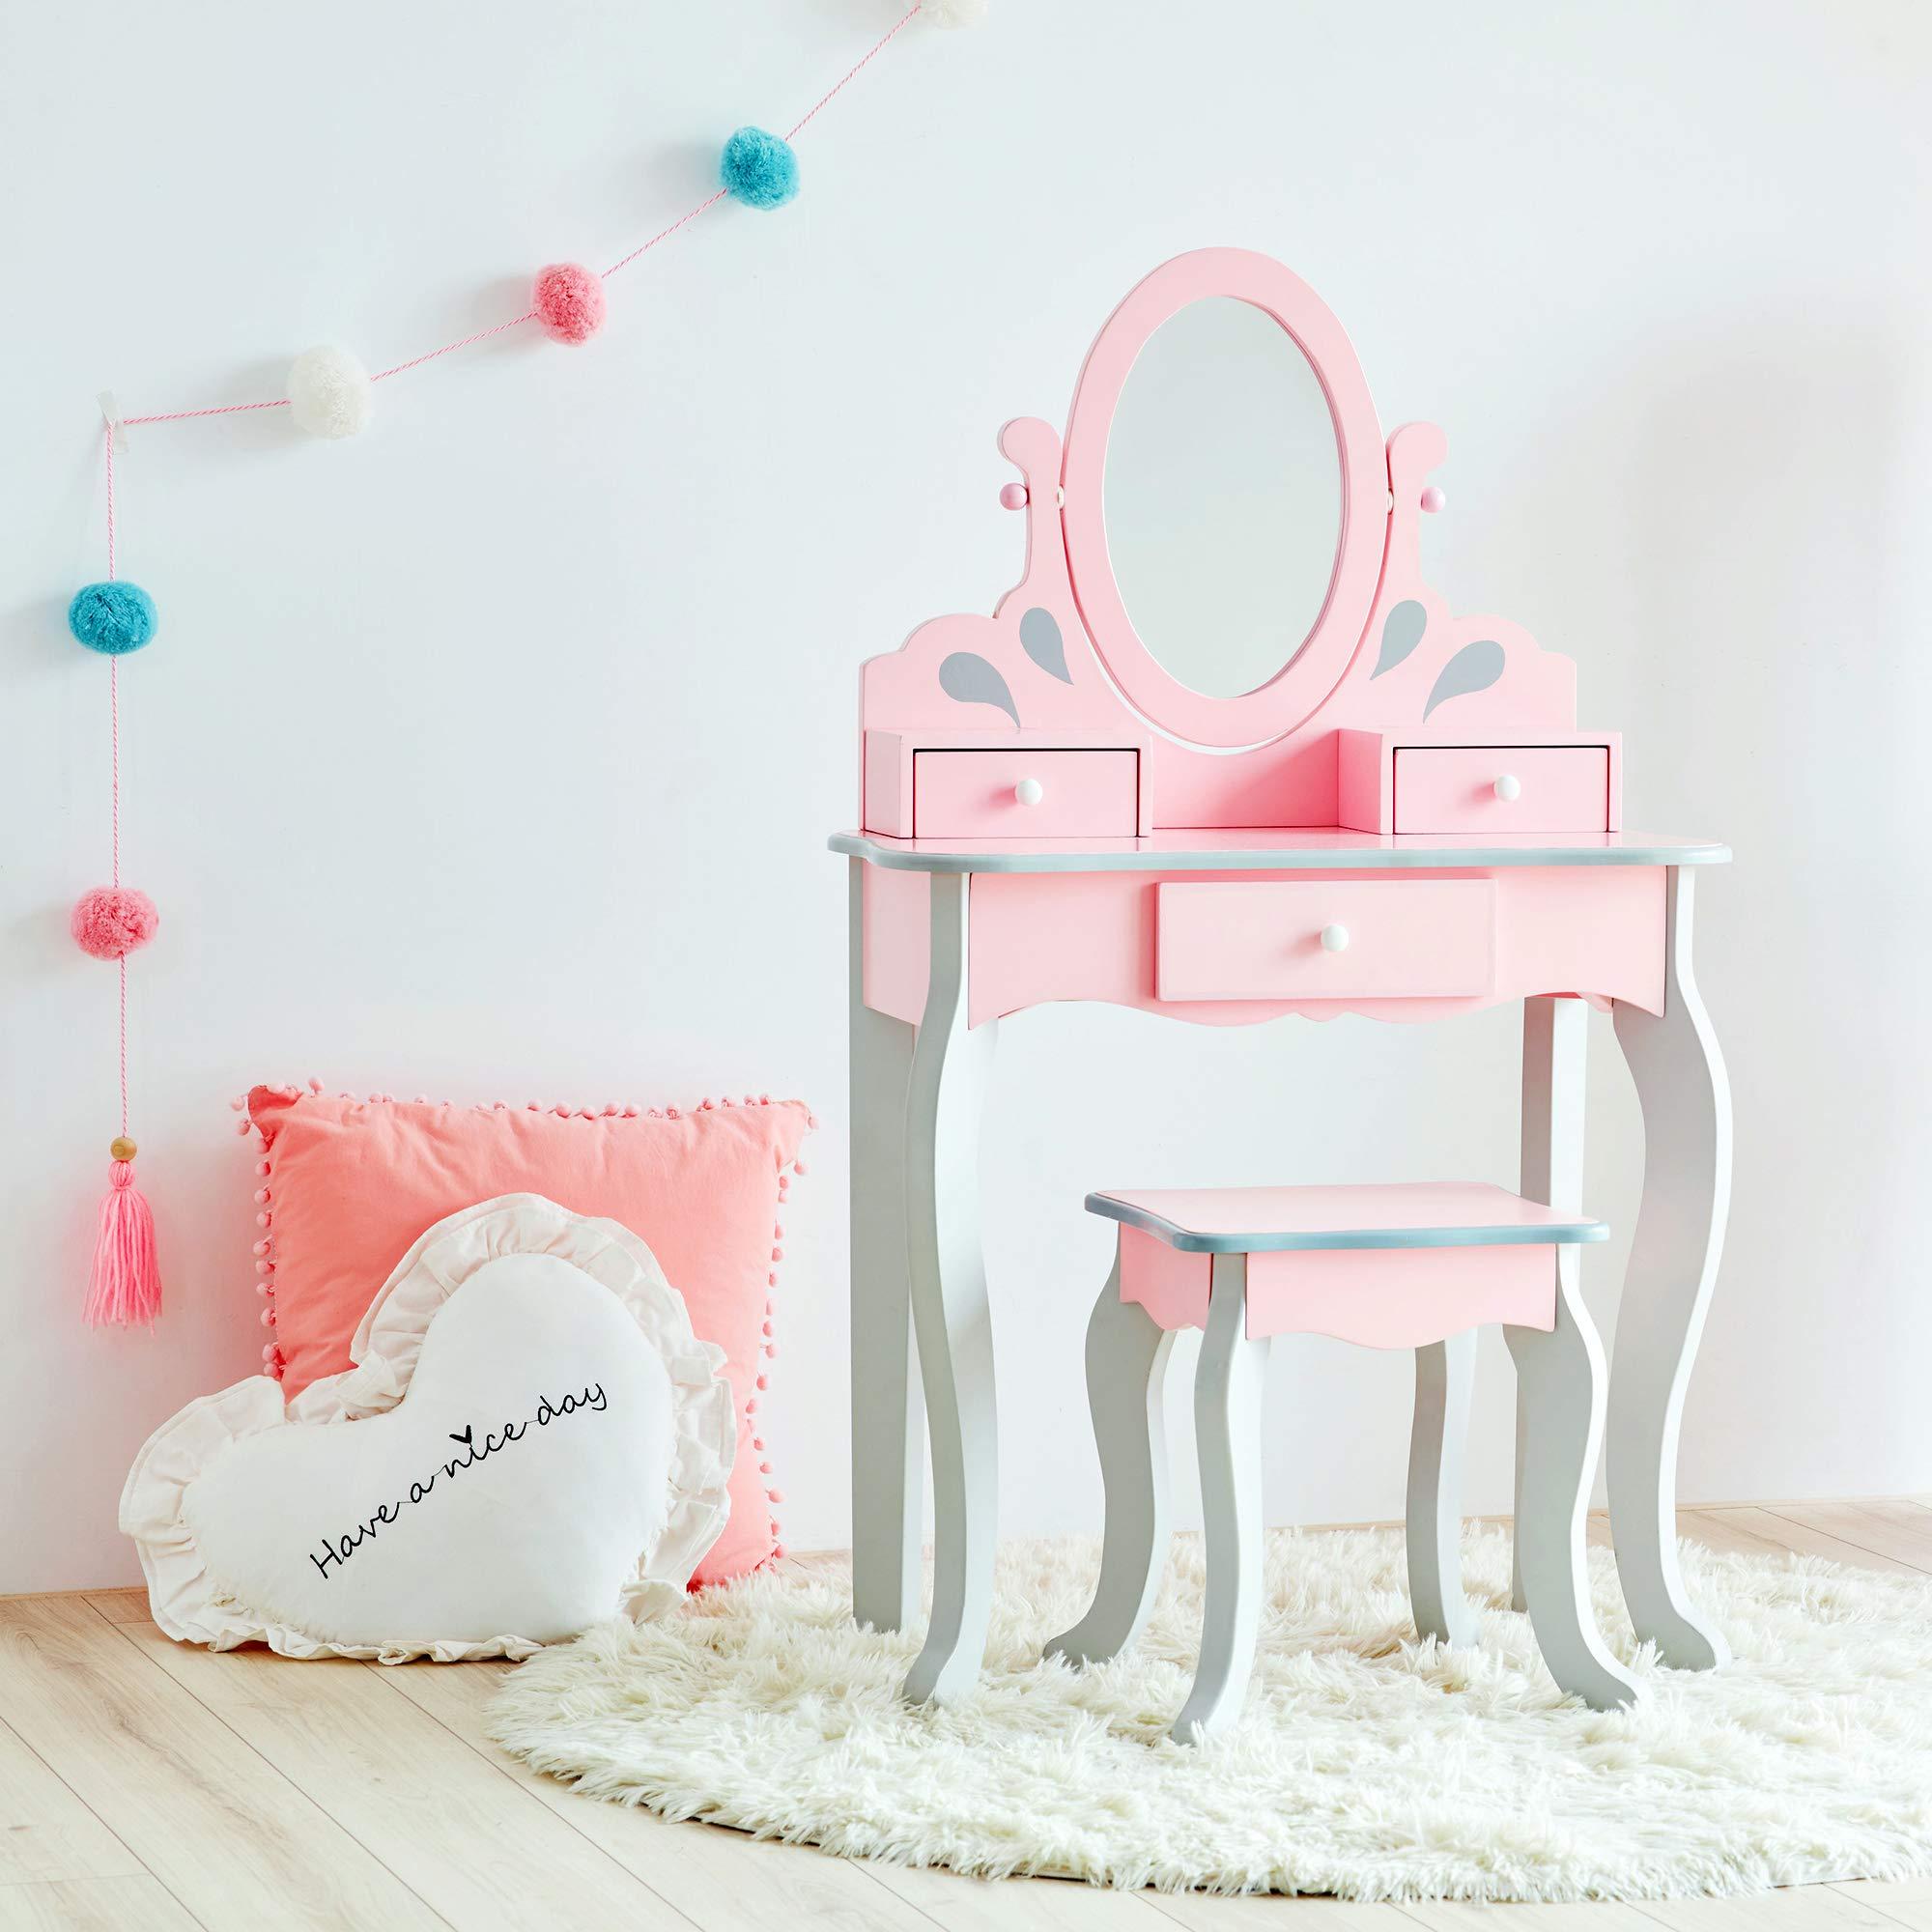 Teamson Kids Little Princess Rapunzel Kids Vanity Set with 3 Drawer and Mirror, Pink/ Grey by Teamson Kids